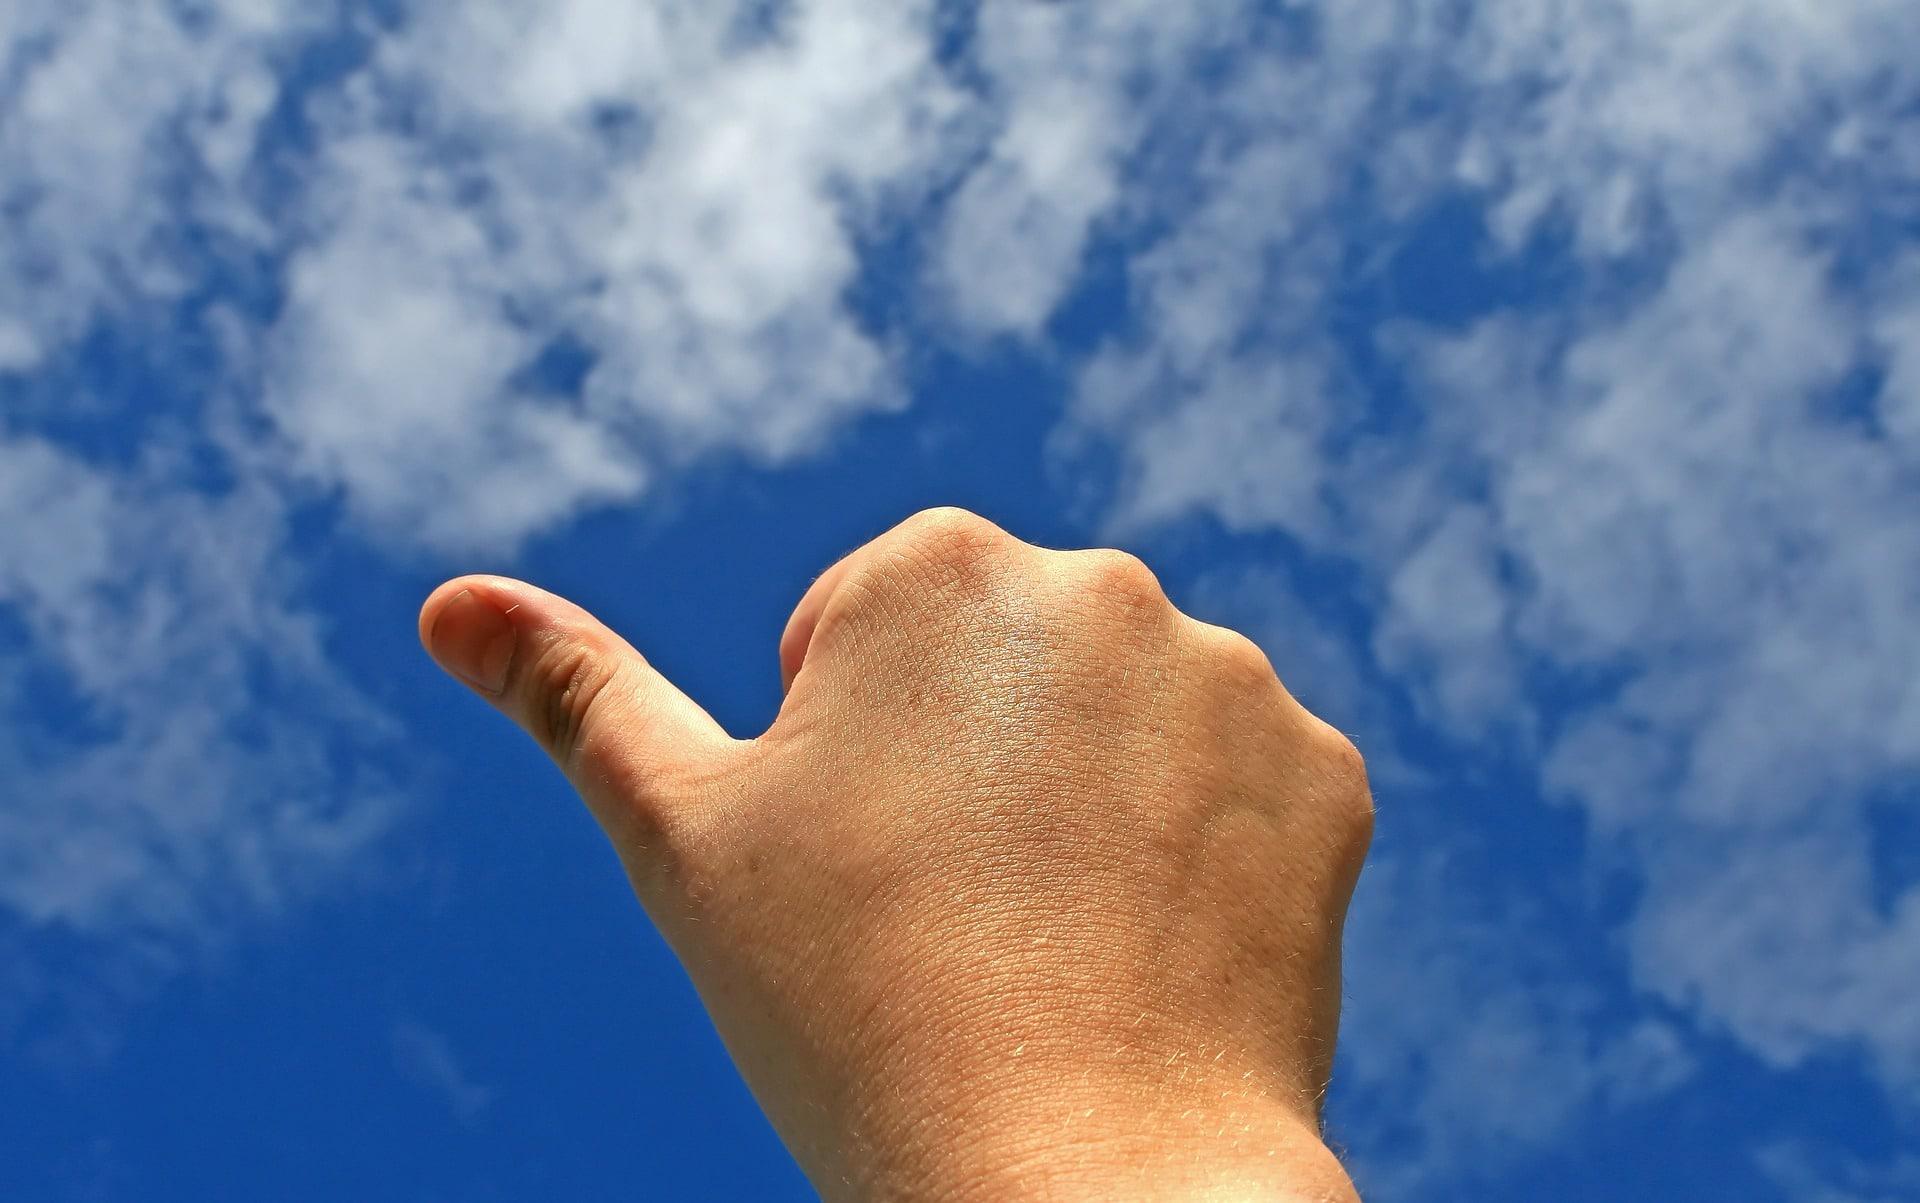 Un pouce de main tendu vers le ciel bleu